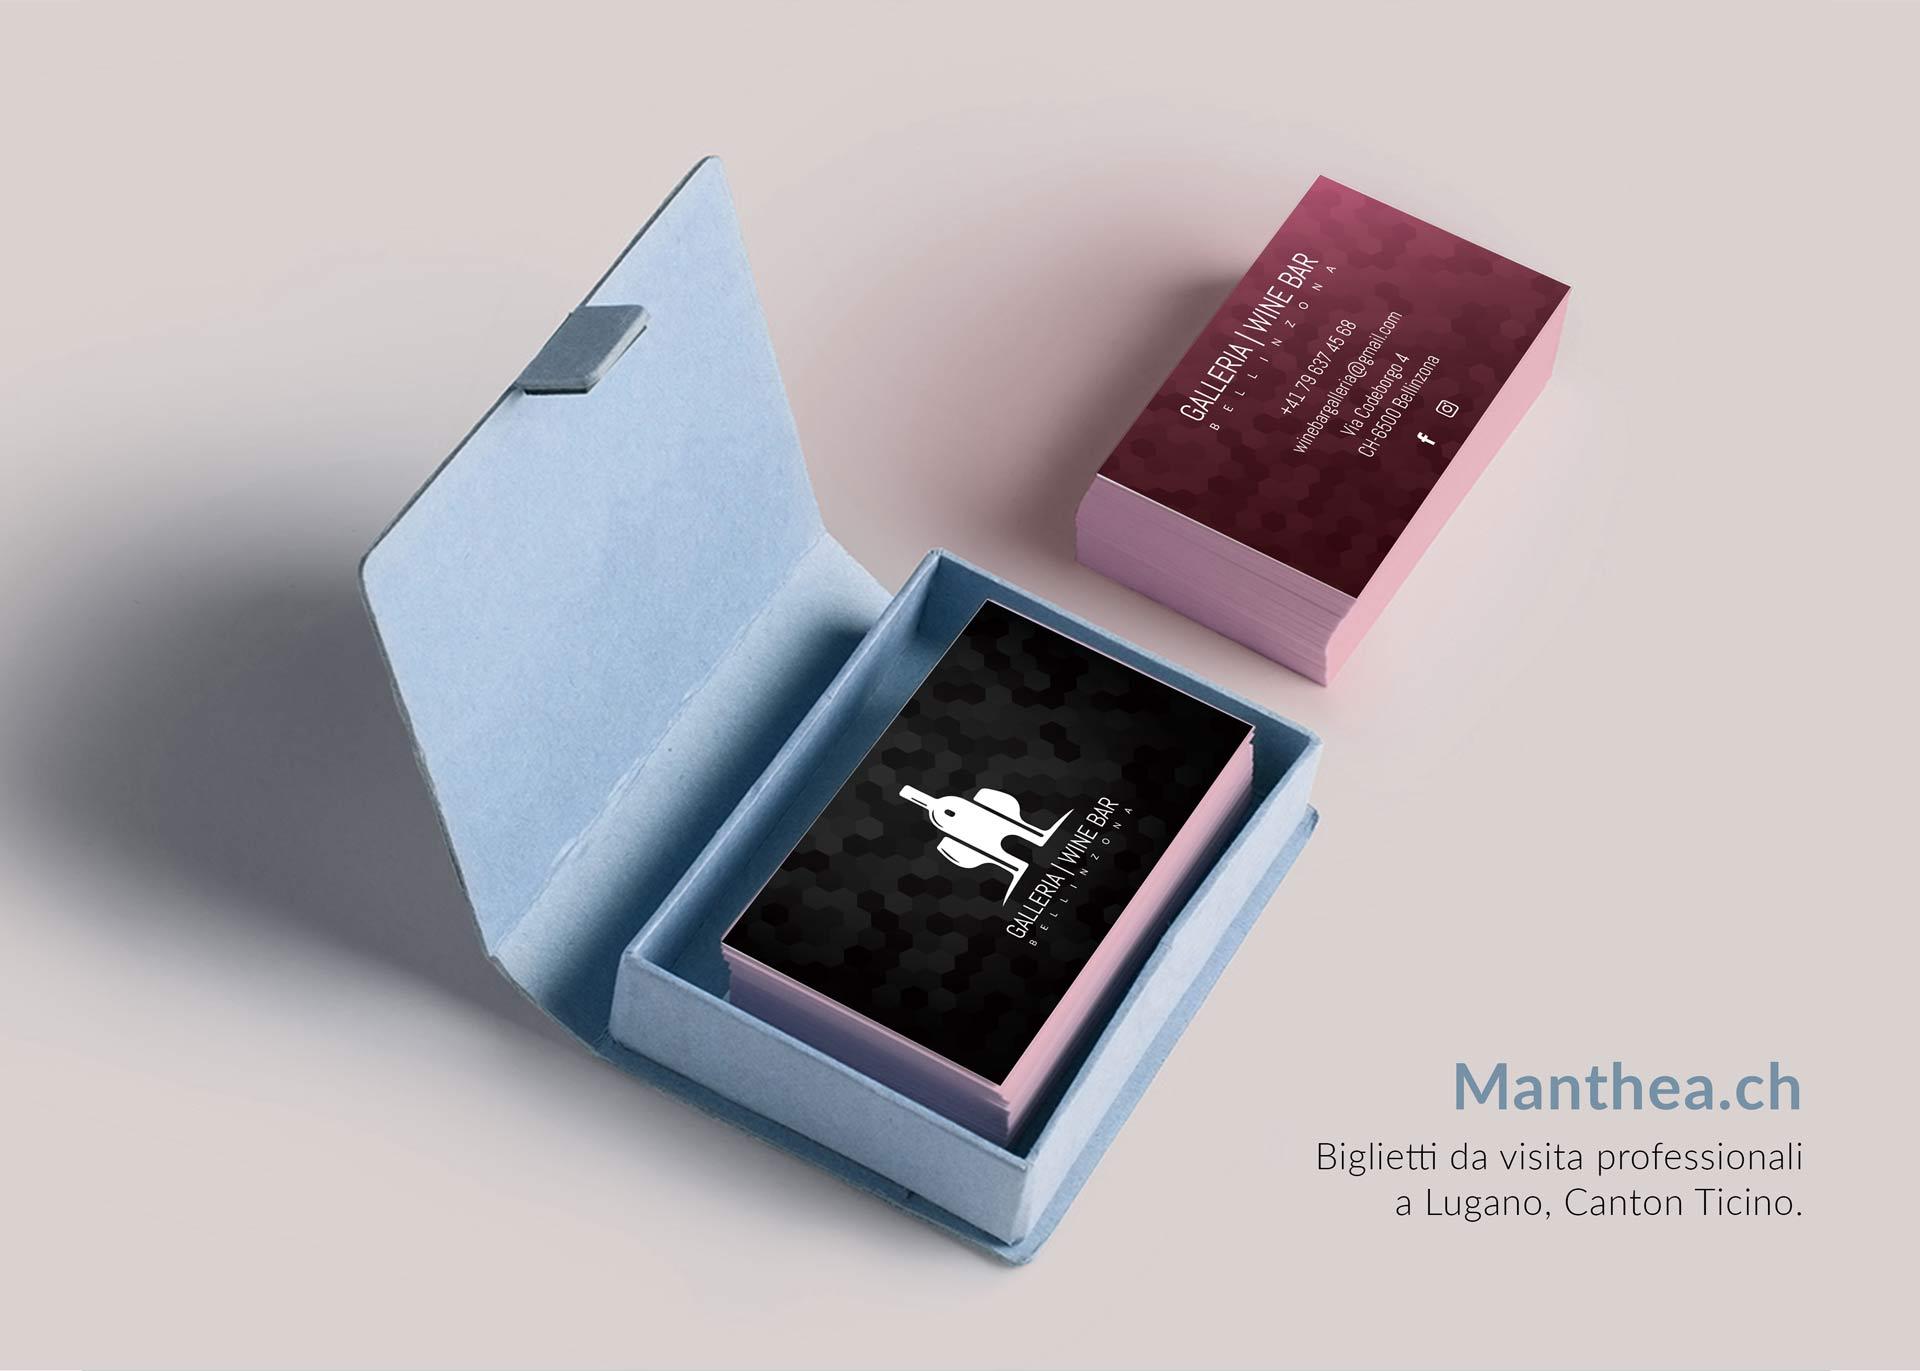 biglietti-da-visita-bellinzona-manthea-marketing